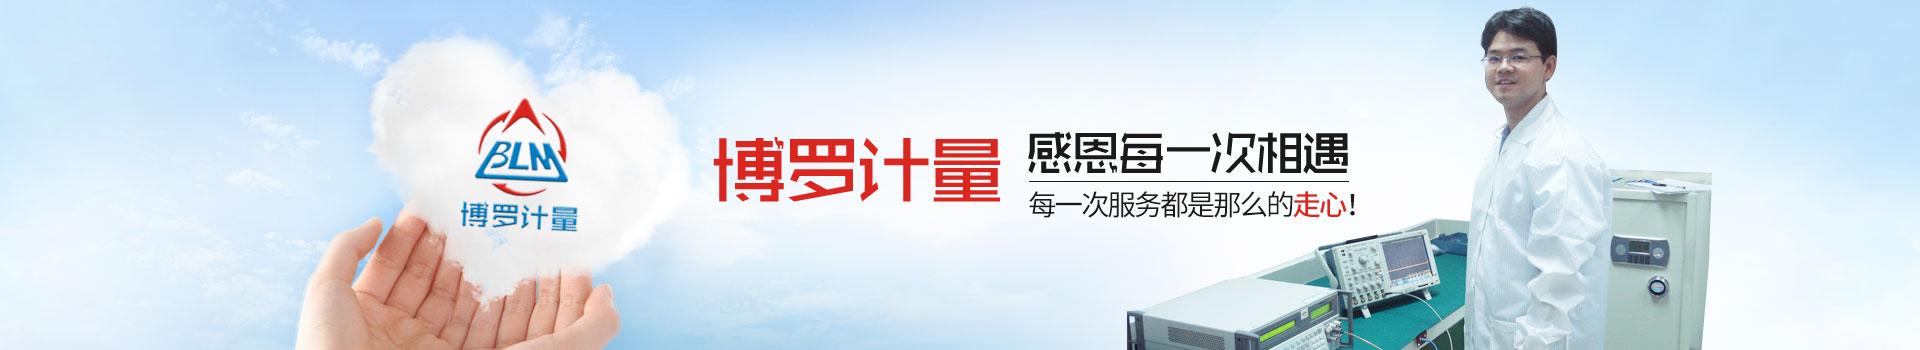 计量仪器检定机构找广东省环保计量专业站